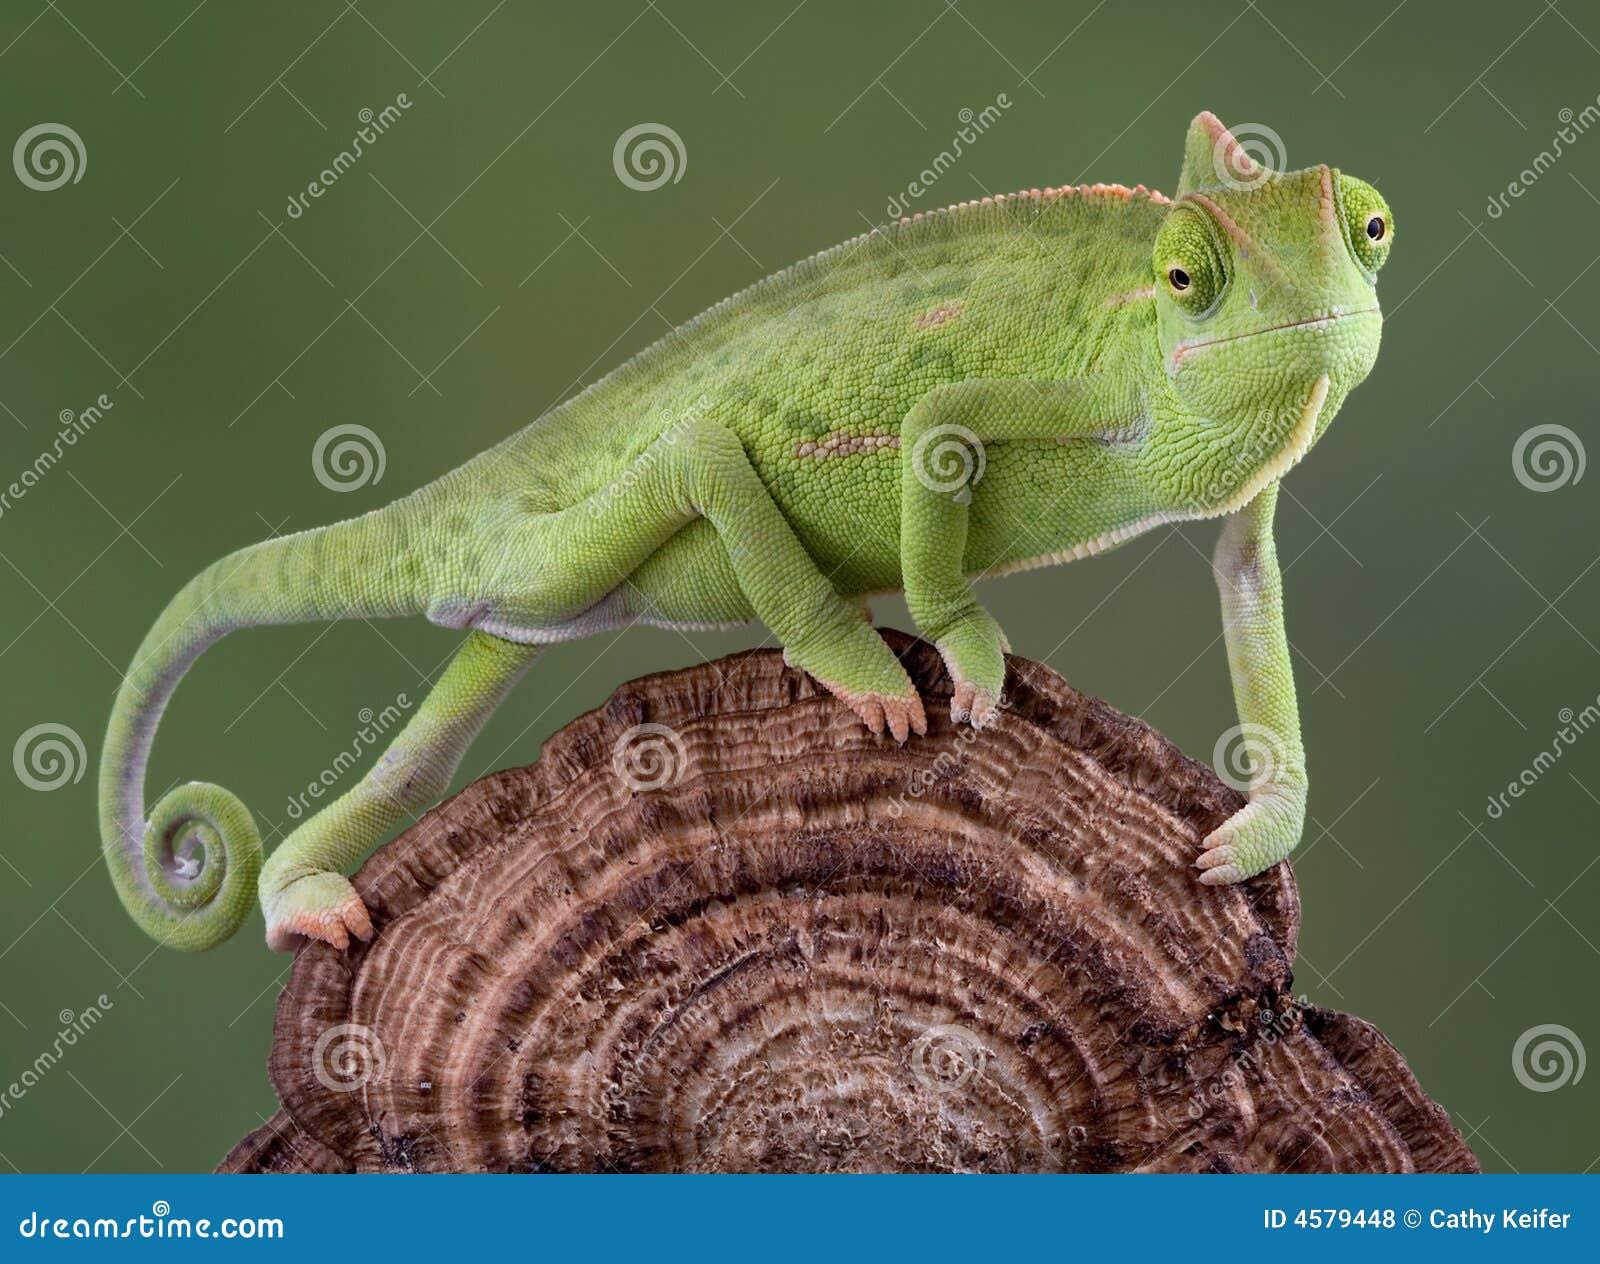 Chameleon walking